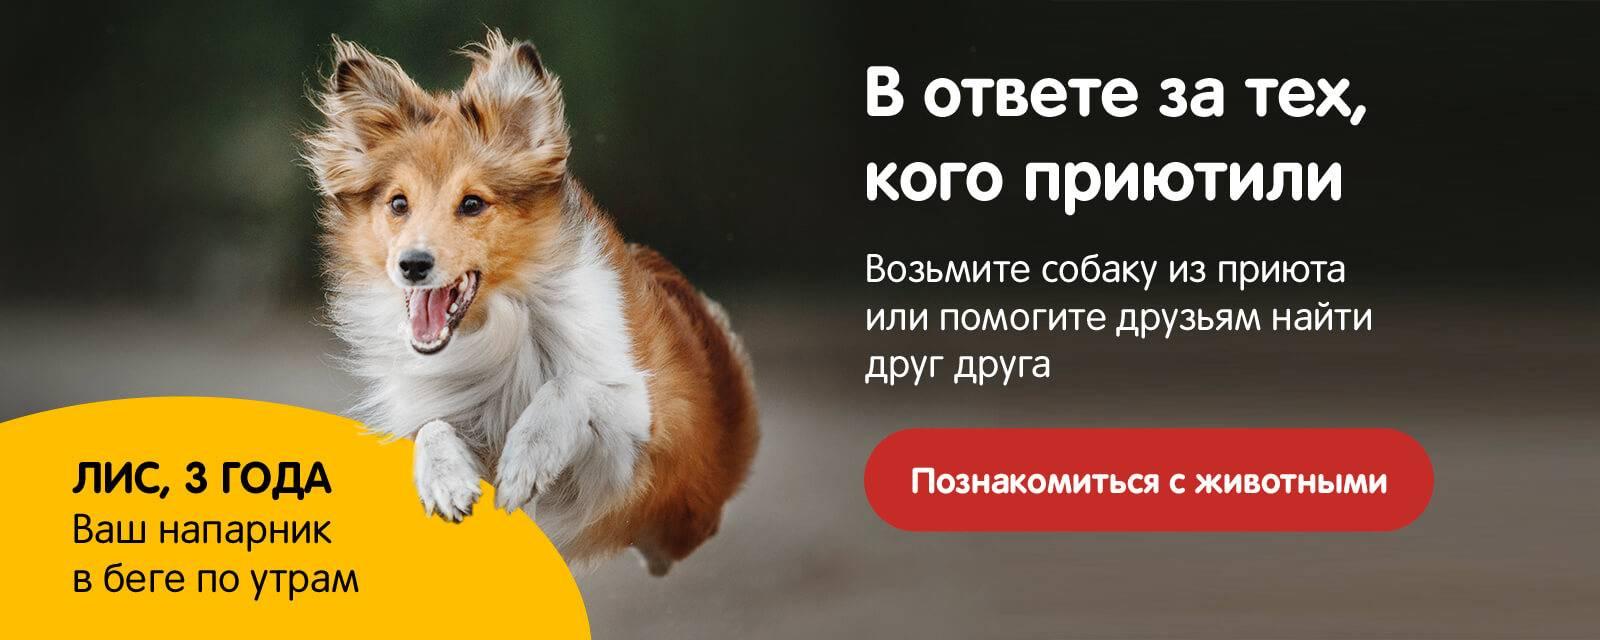 Как пристроить собаку в добрые руки